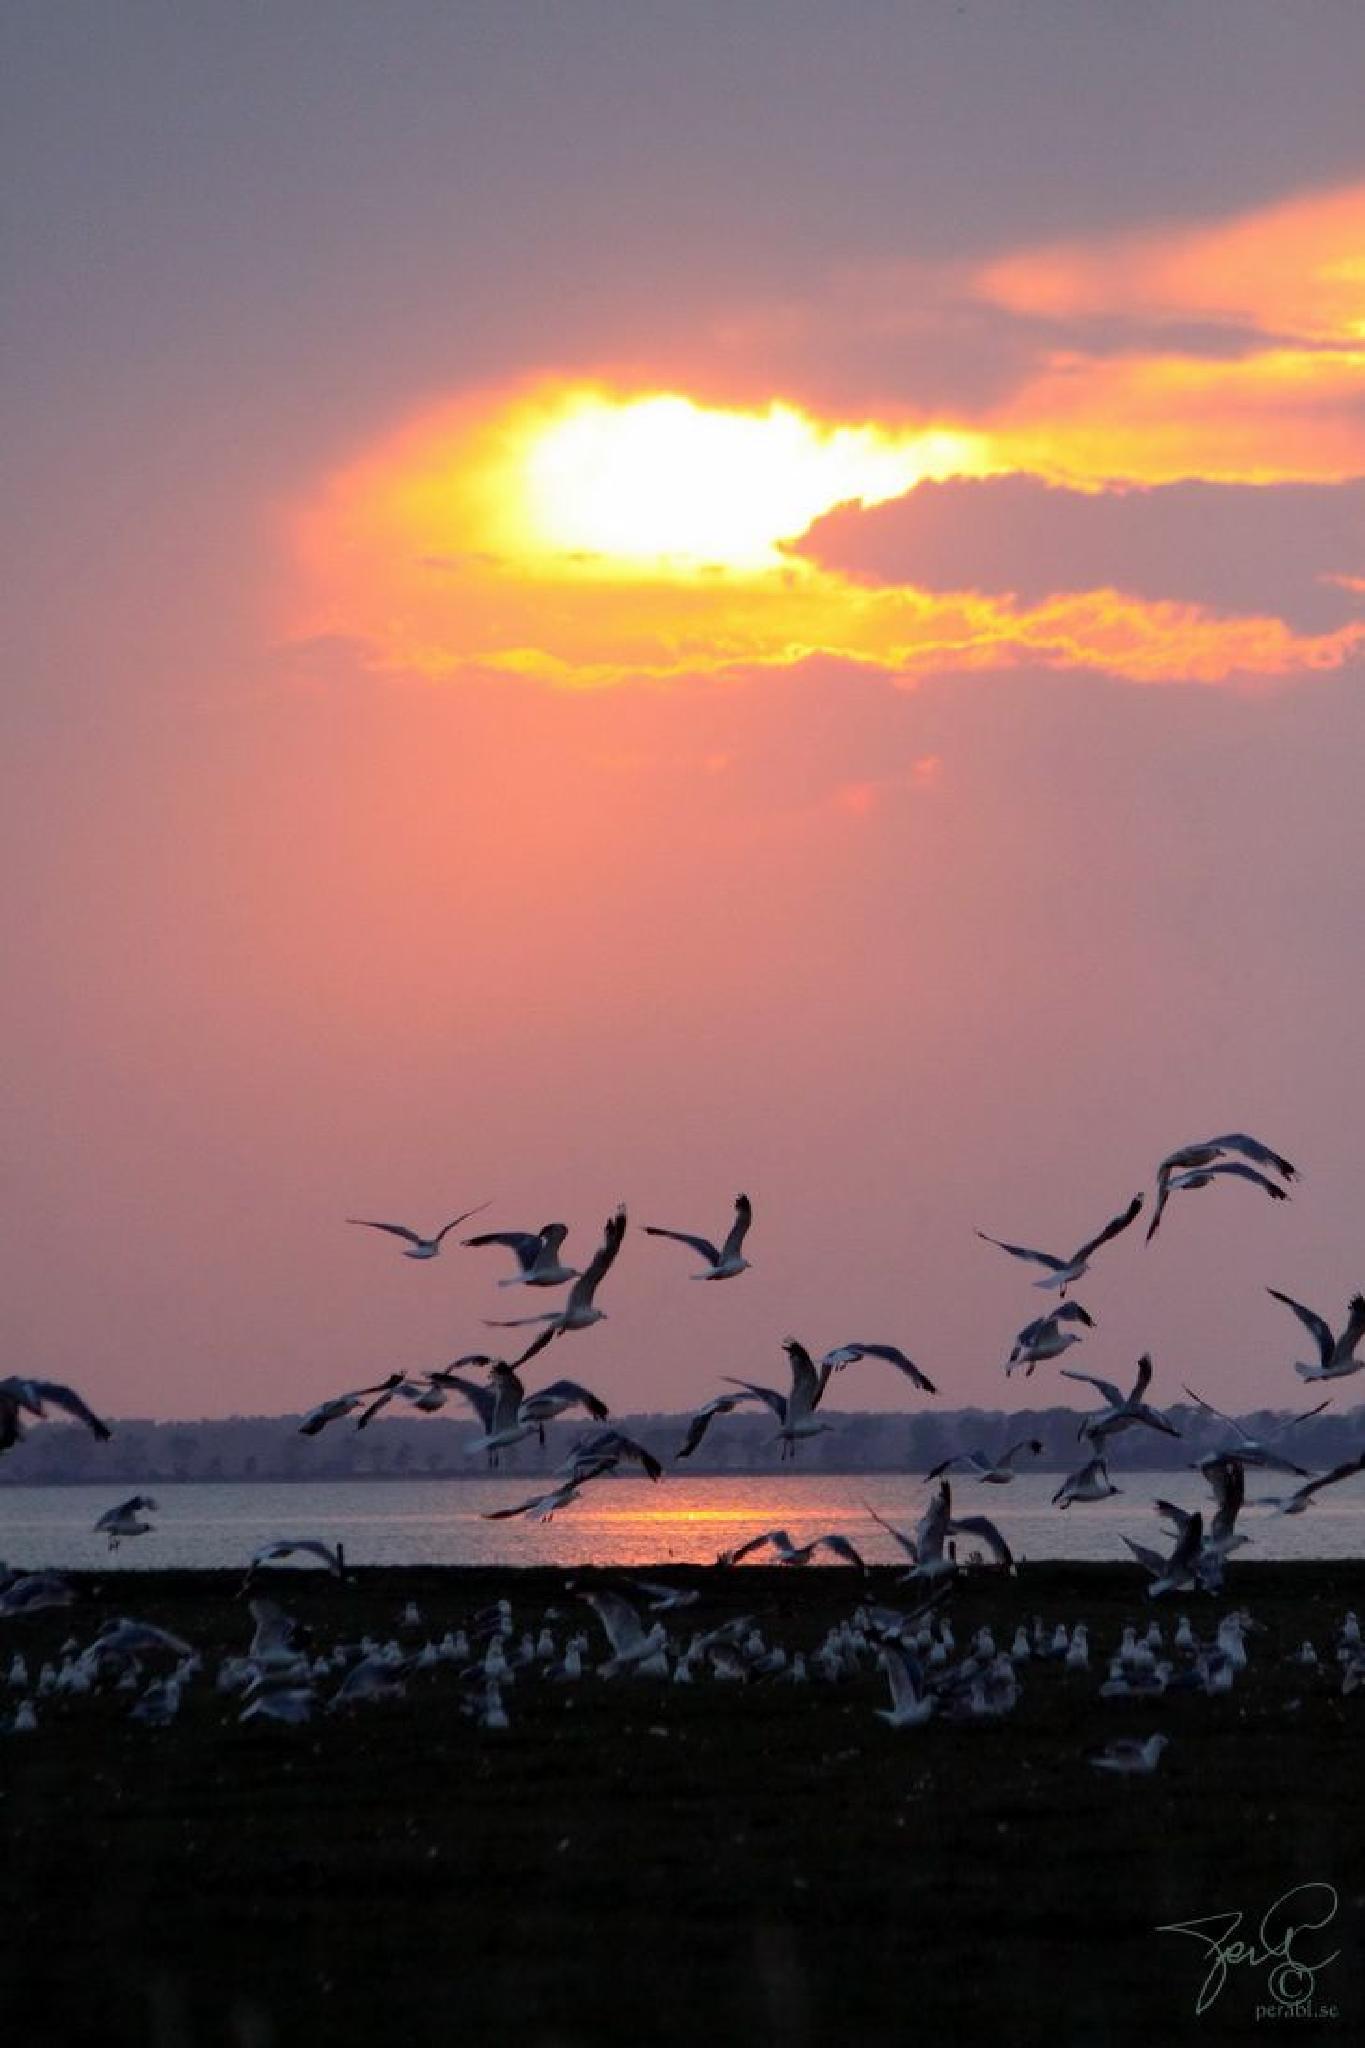 Sunset birds by Per Lindskog